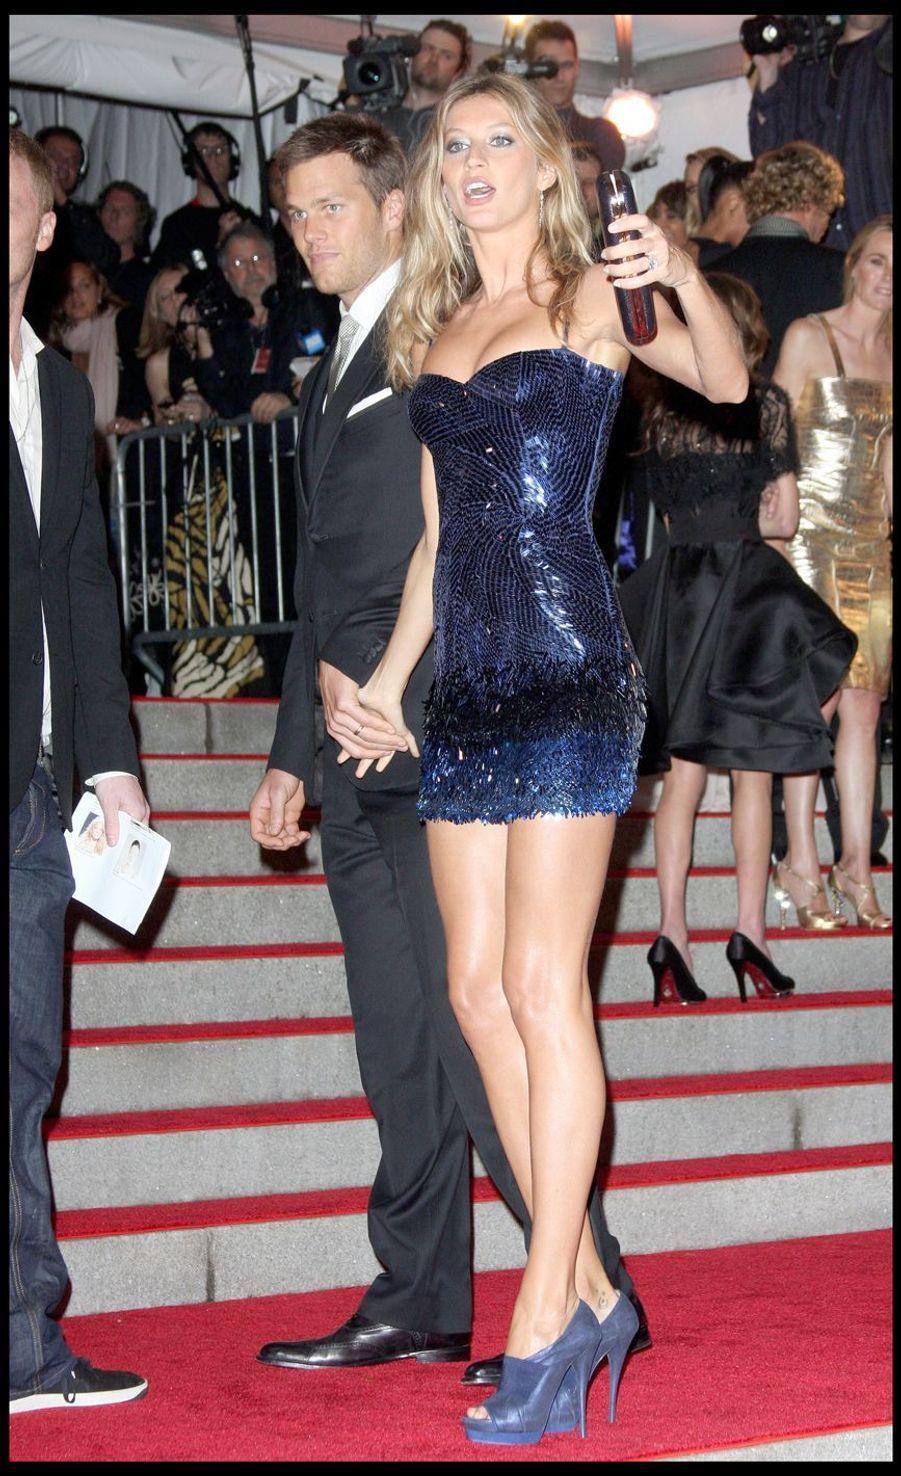 Tom Brady et Gisele Bündchen lors de la soirée au Metropolitan Museum de New York, le 4 mai 2009